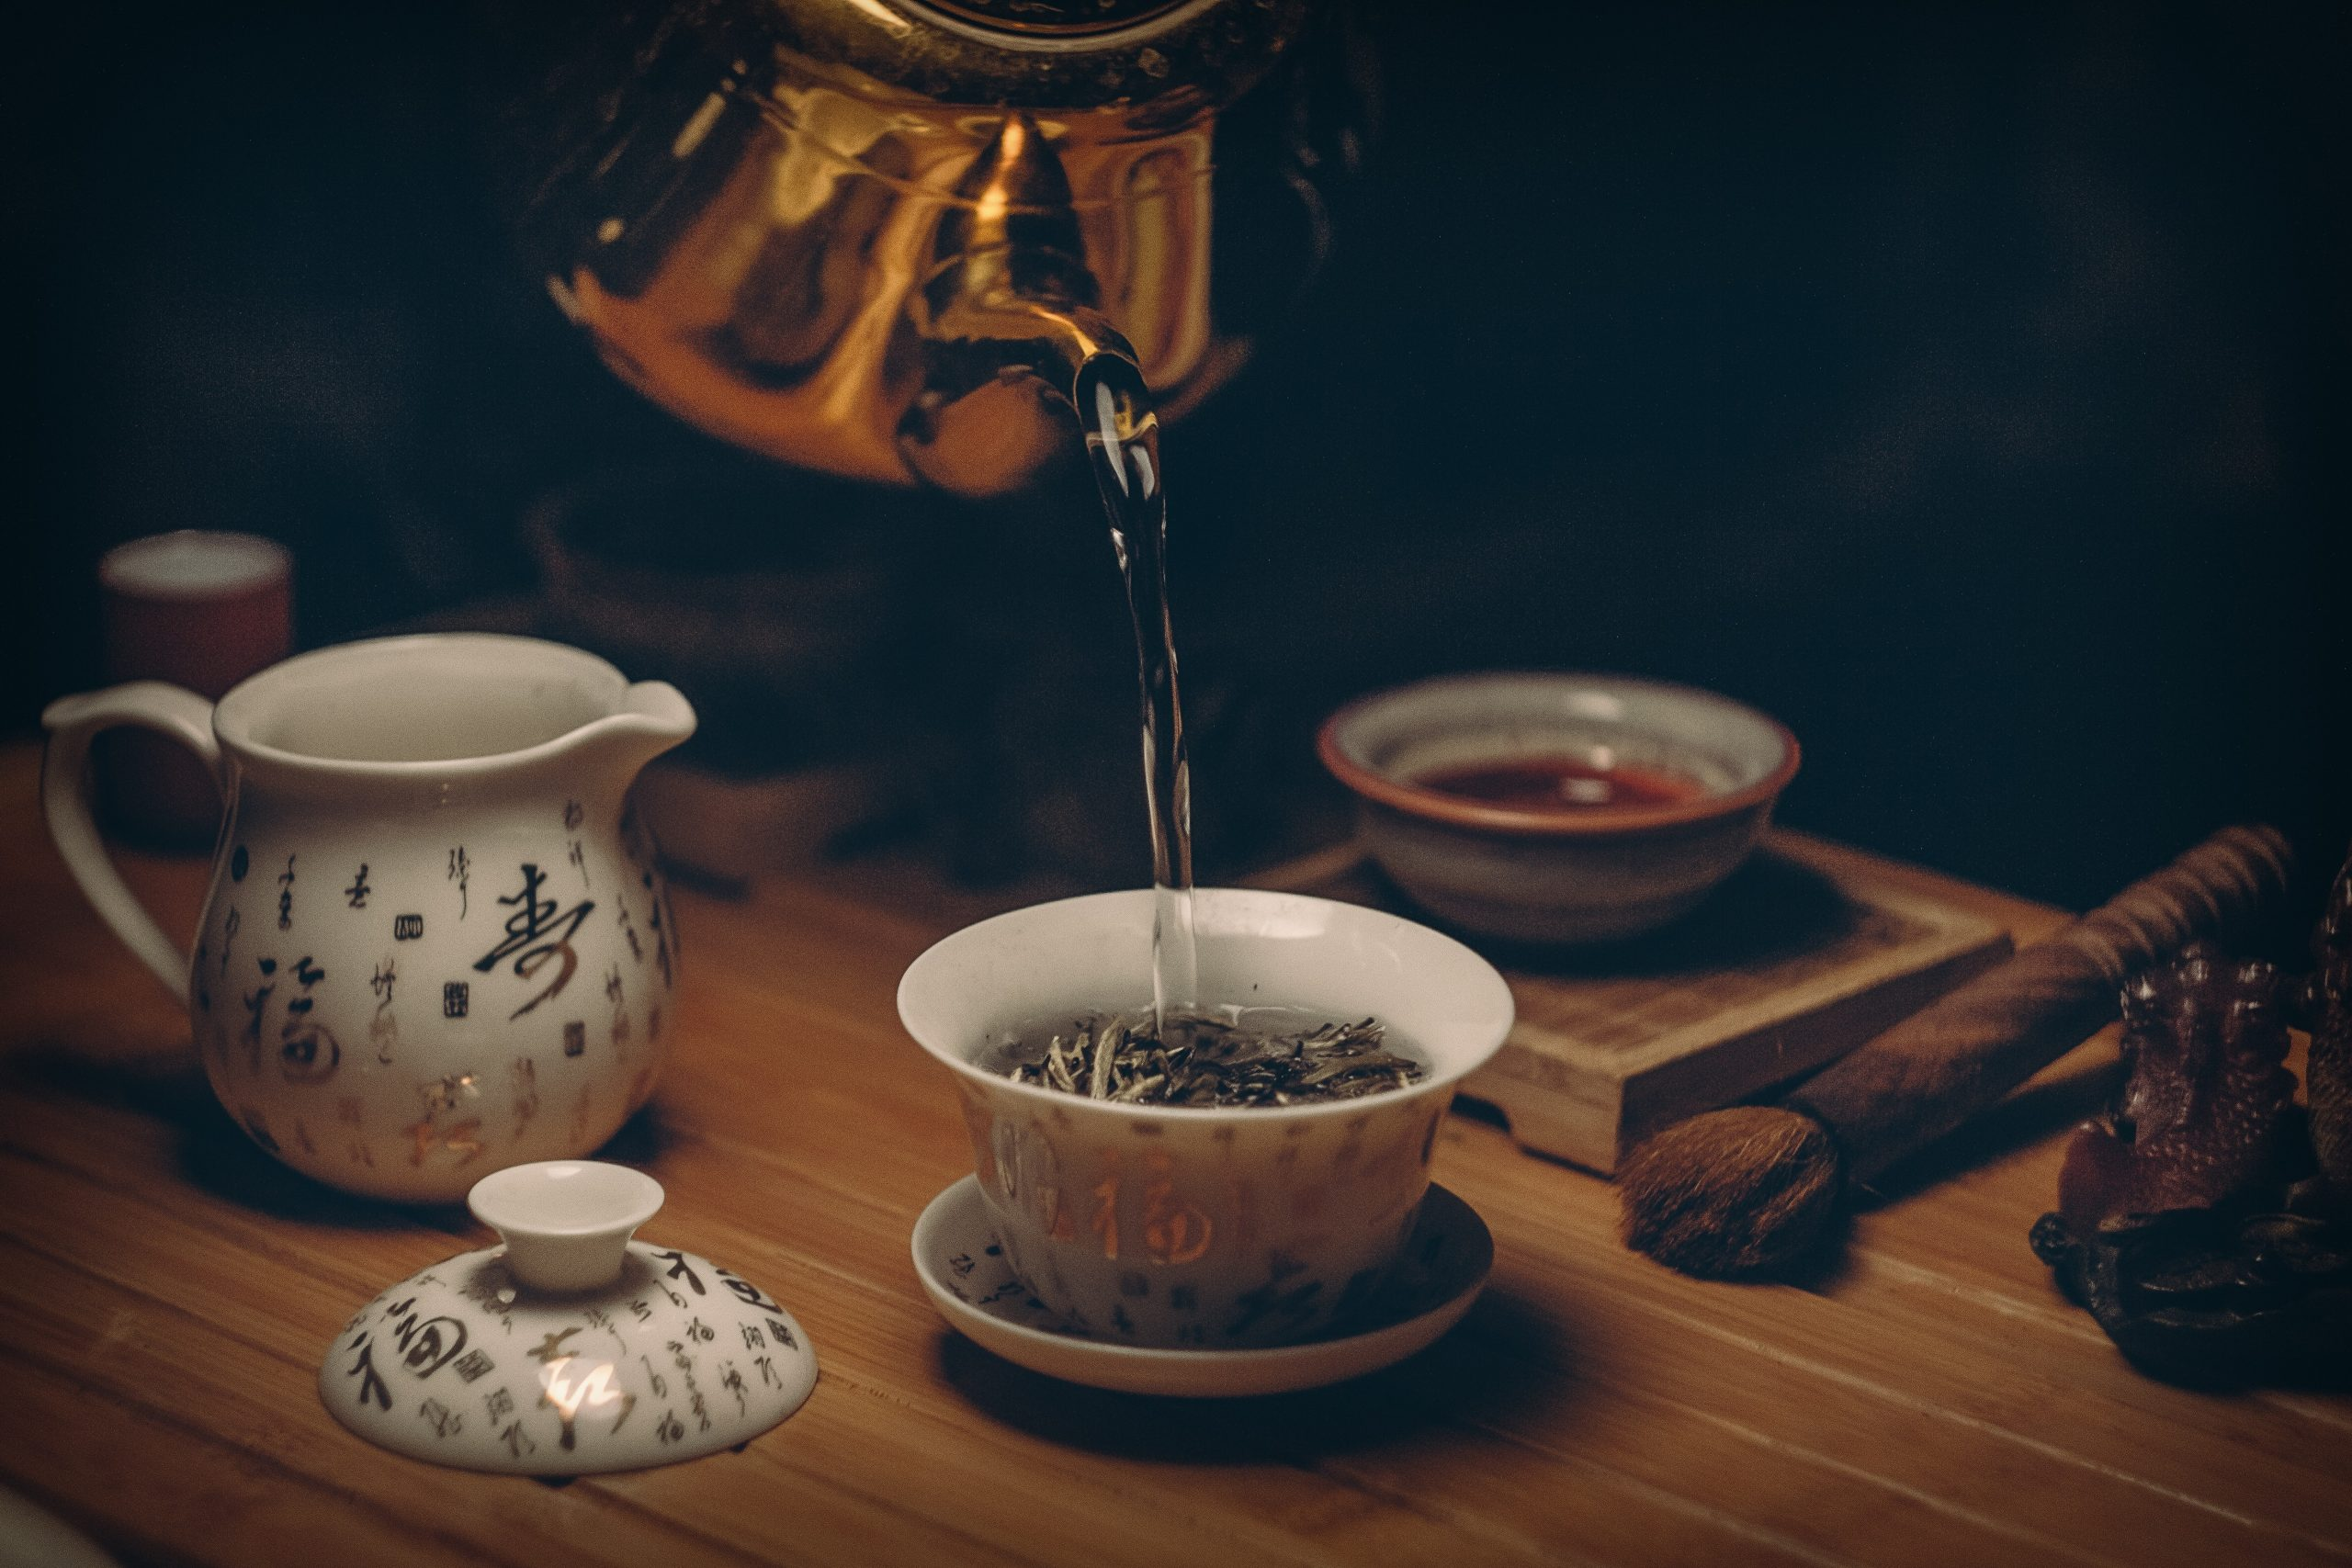 Диетолог предупредила о рисках чрезмерного употребления зеленого чая